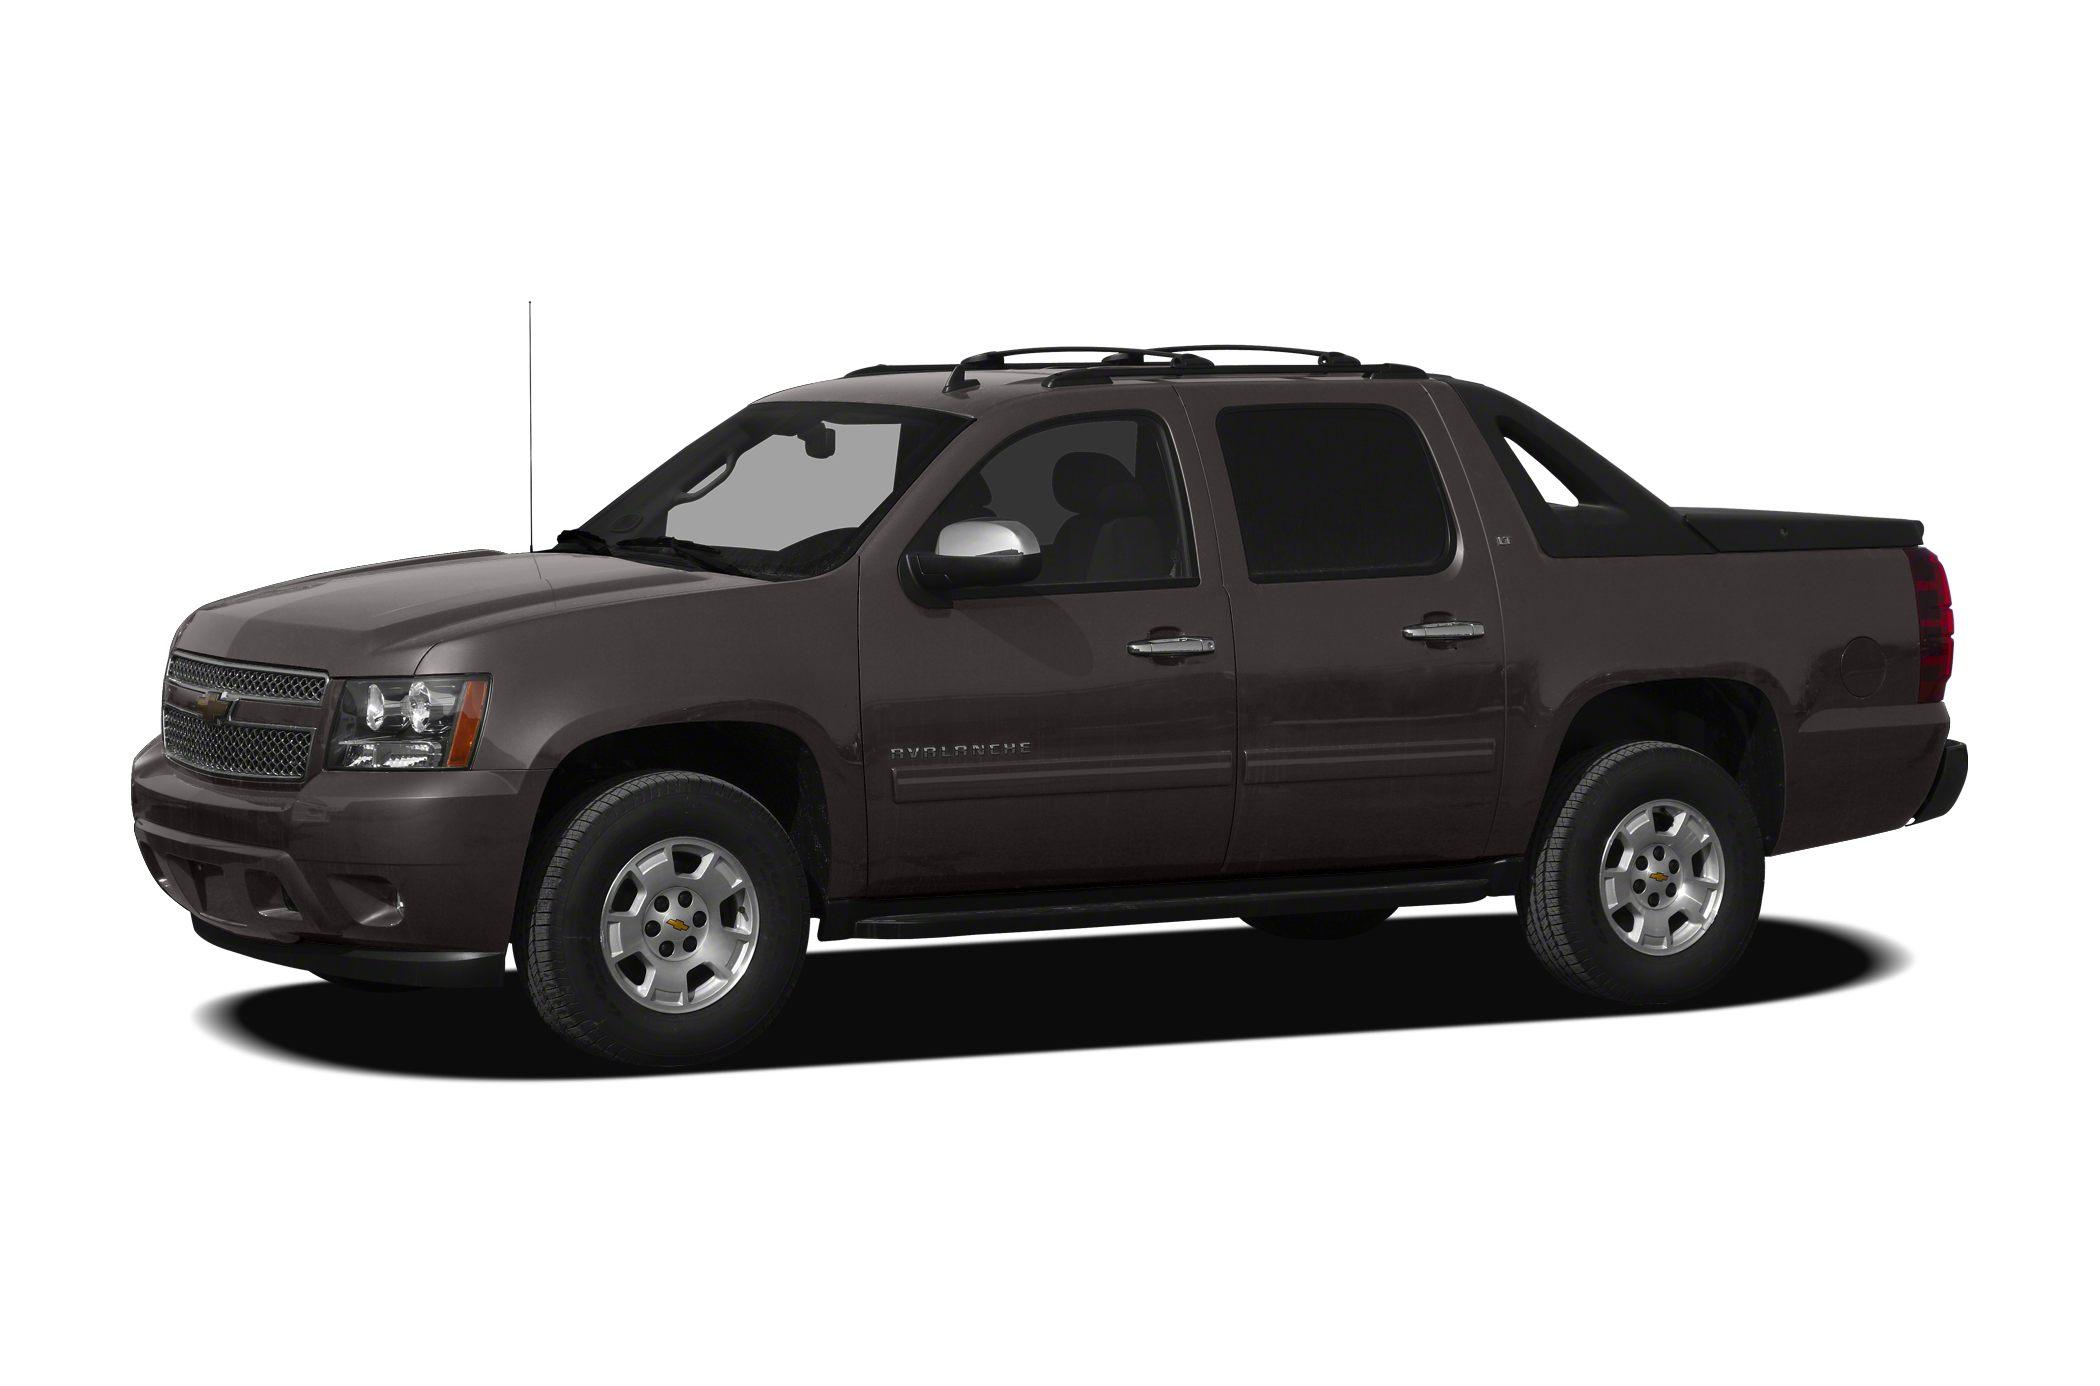 2011 Chevrolet Avalanche 1500 LTZ Miles 40765Color Blue Stock P8790 VIN 3GNMCGE0XBG127306